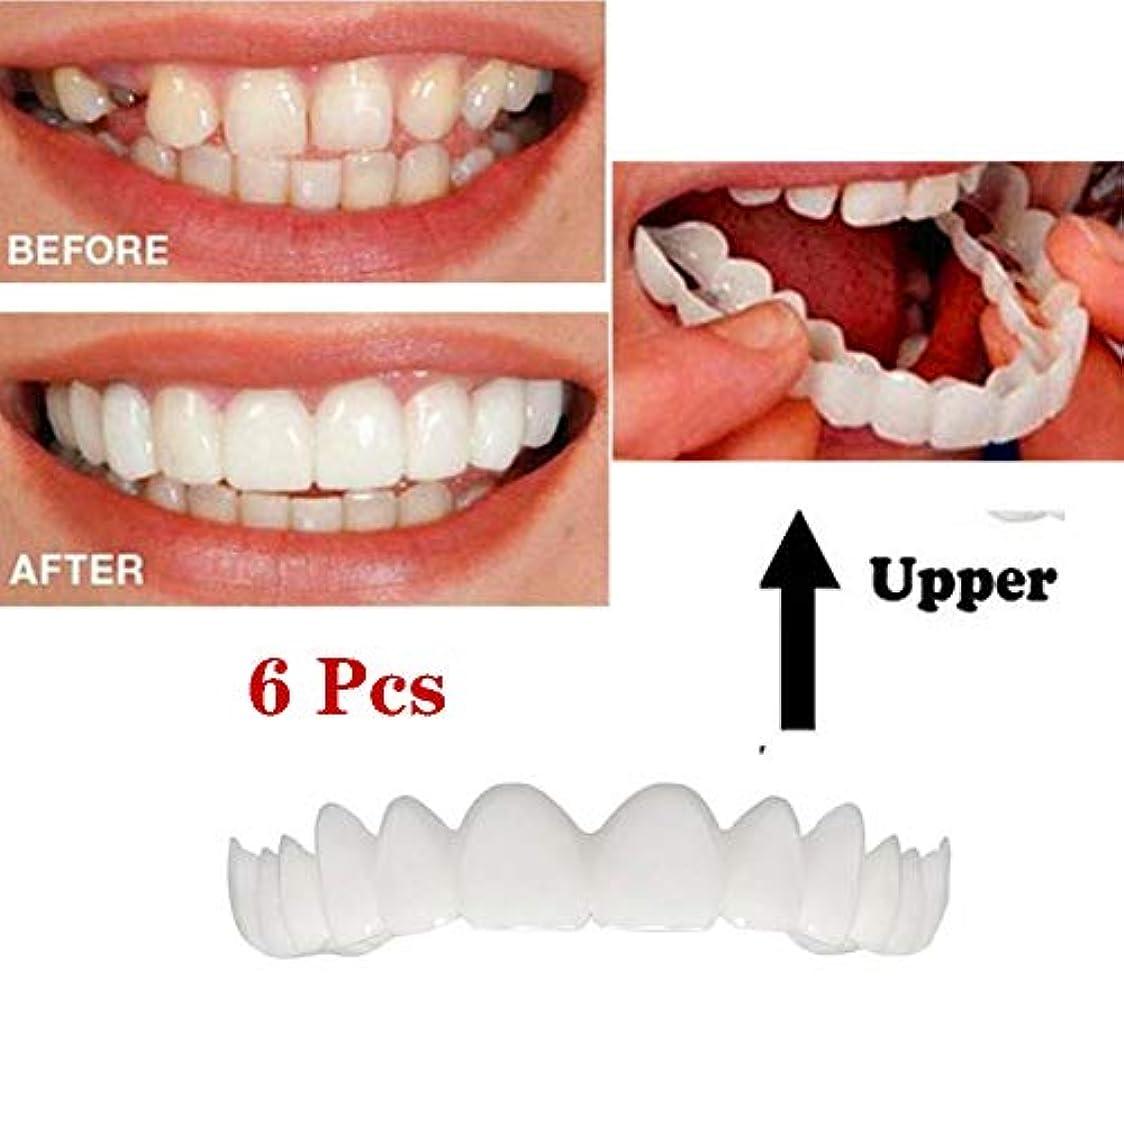 発言するディプロマハチ義歯口腔ケア歯ホワイトニング義歯口腔ケアアッパーブレース一時的な化粧品歯義歯 - 6本